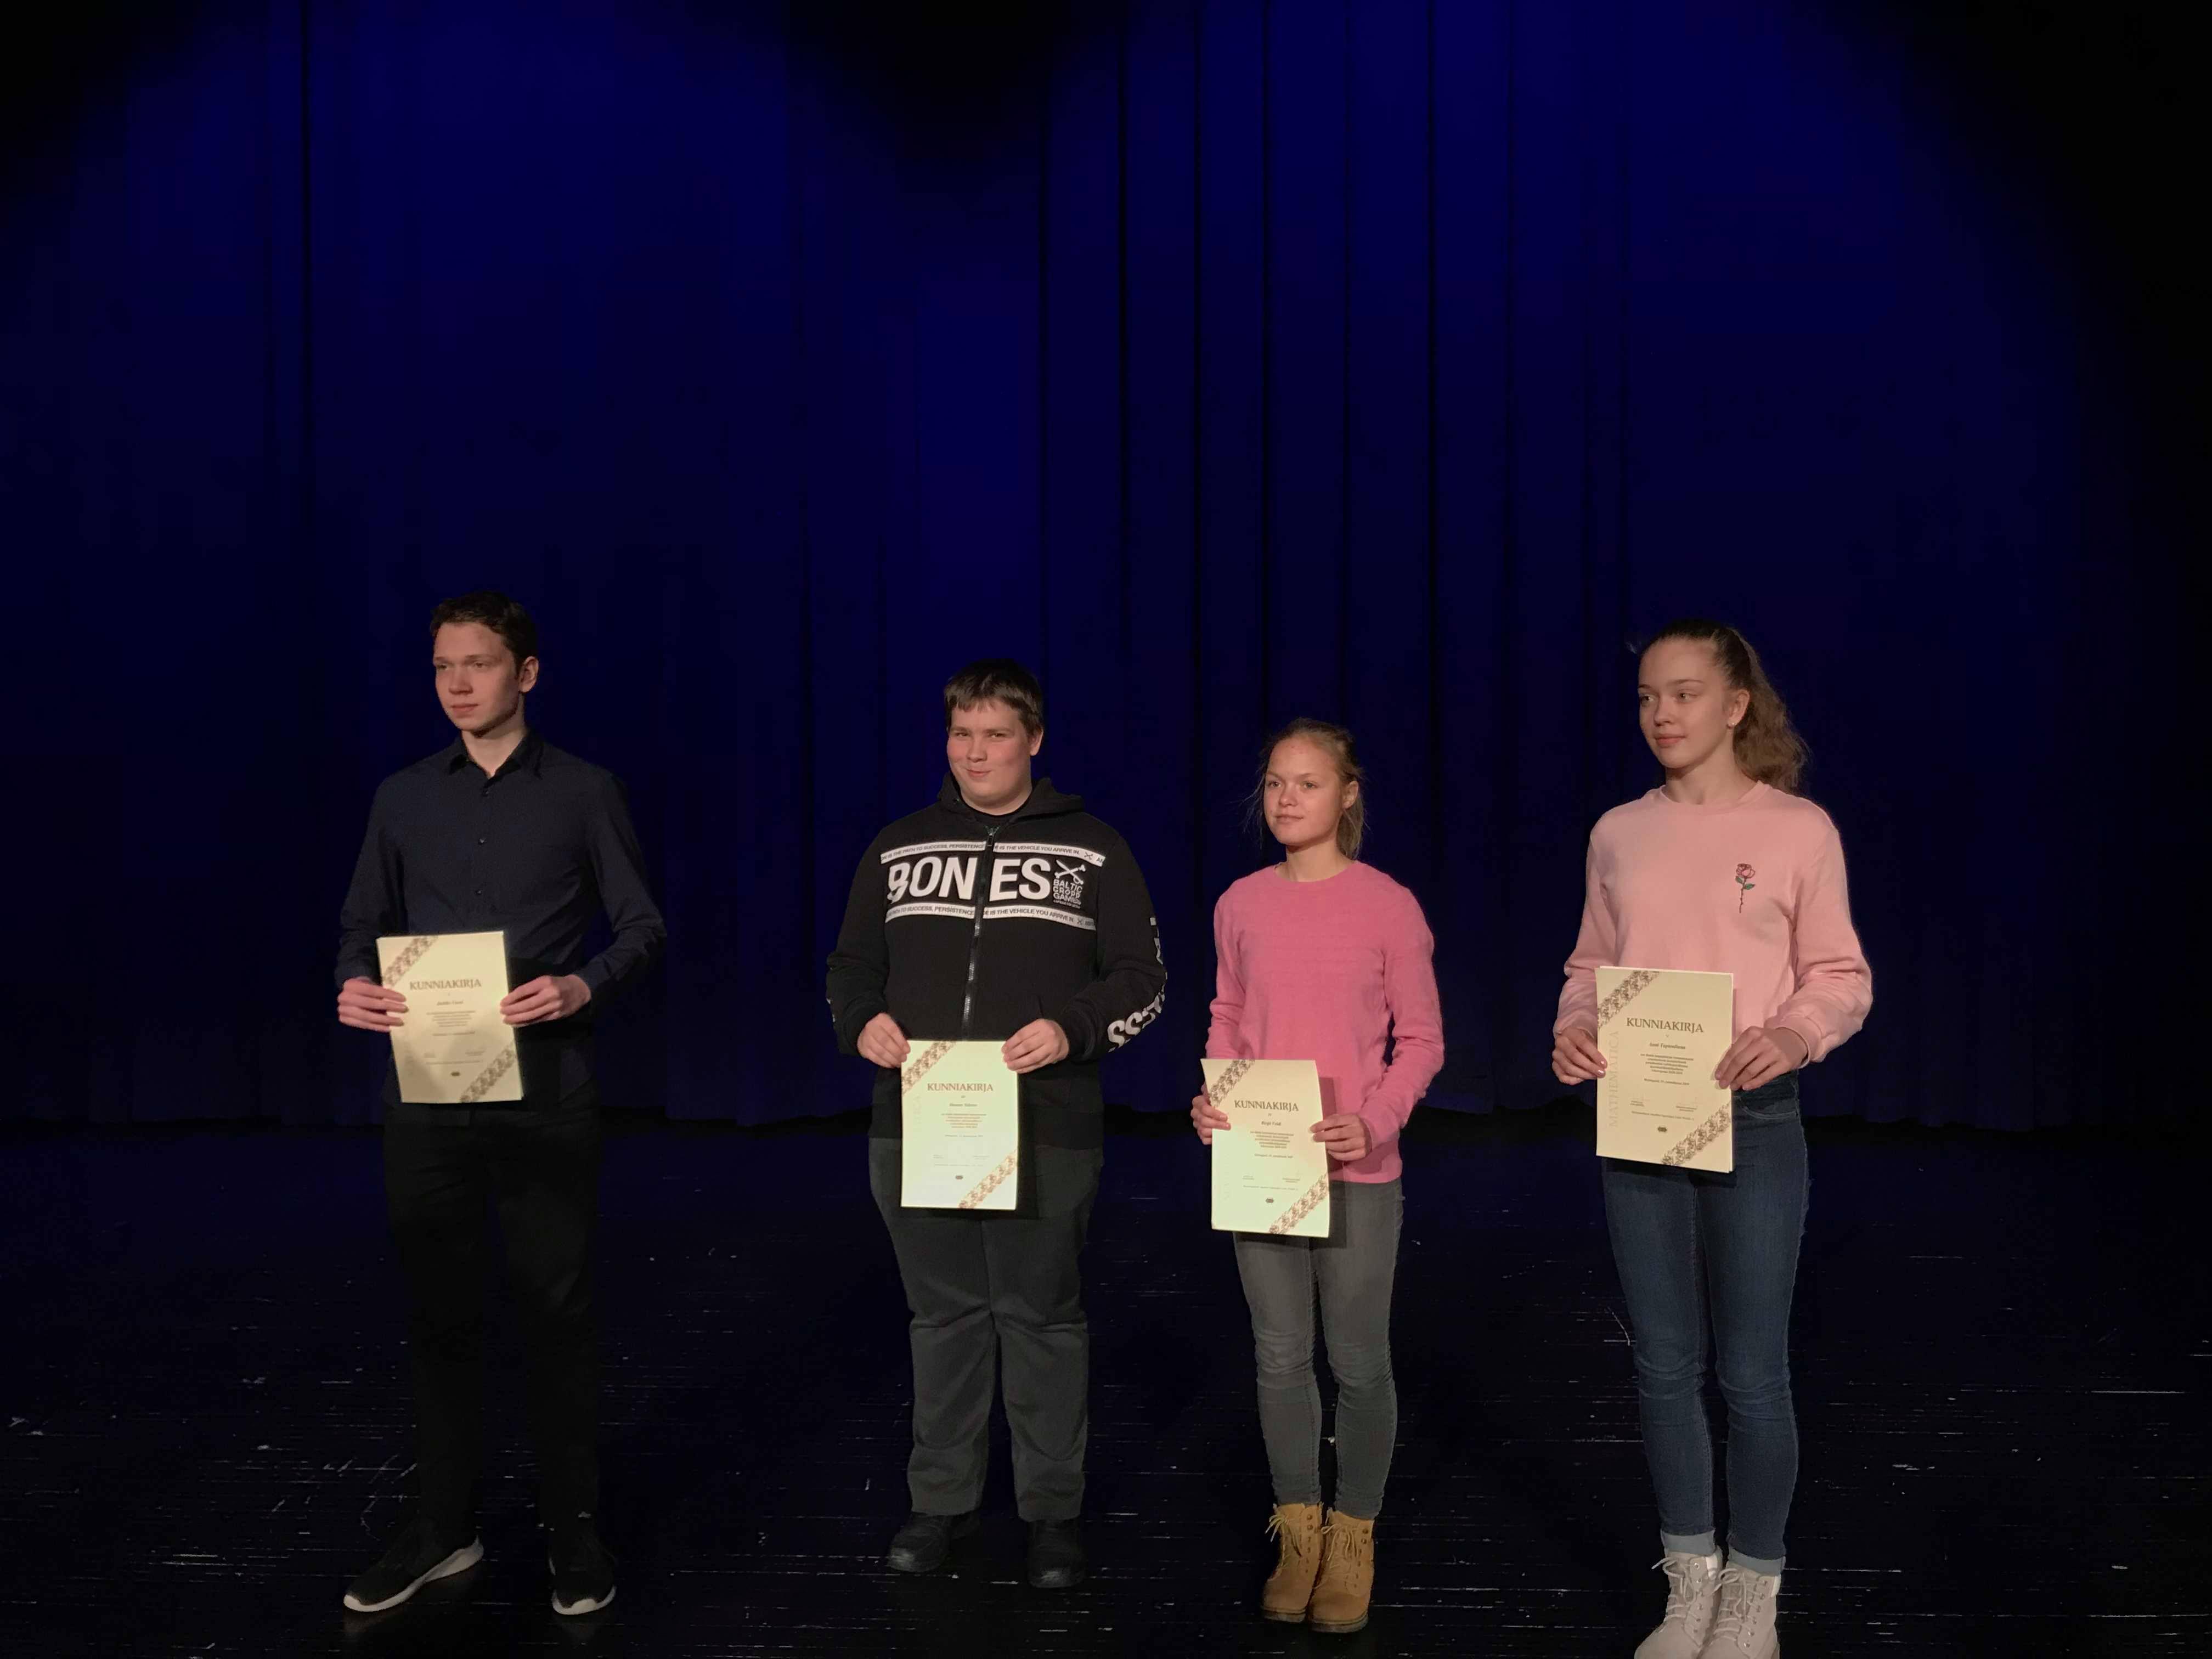 9.klassi õpilane Hannes Sidorov osales Helsingis toimunud matemaatikaolümpiaadil